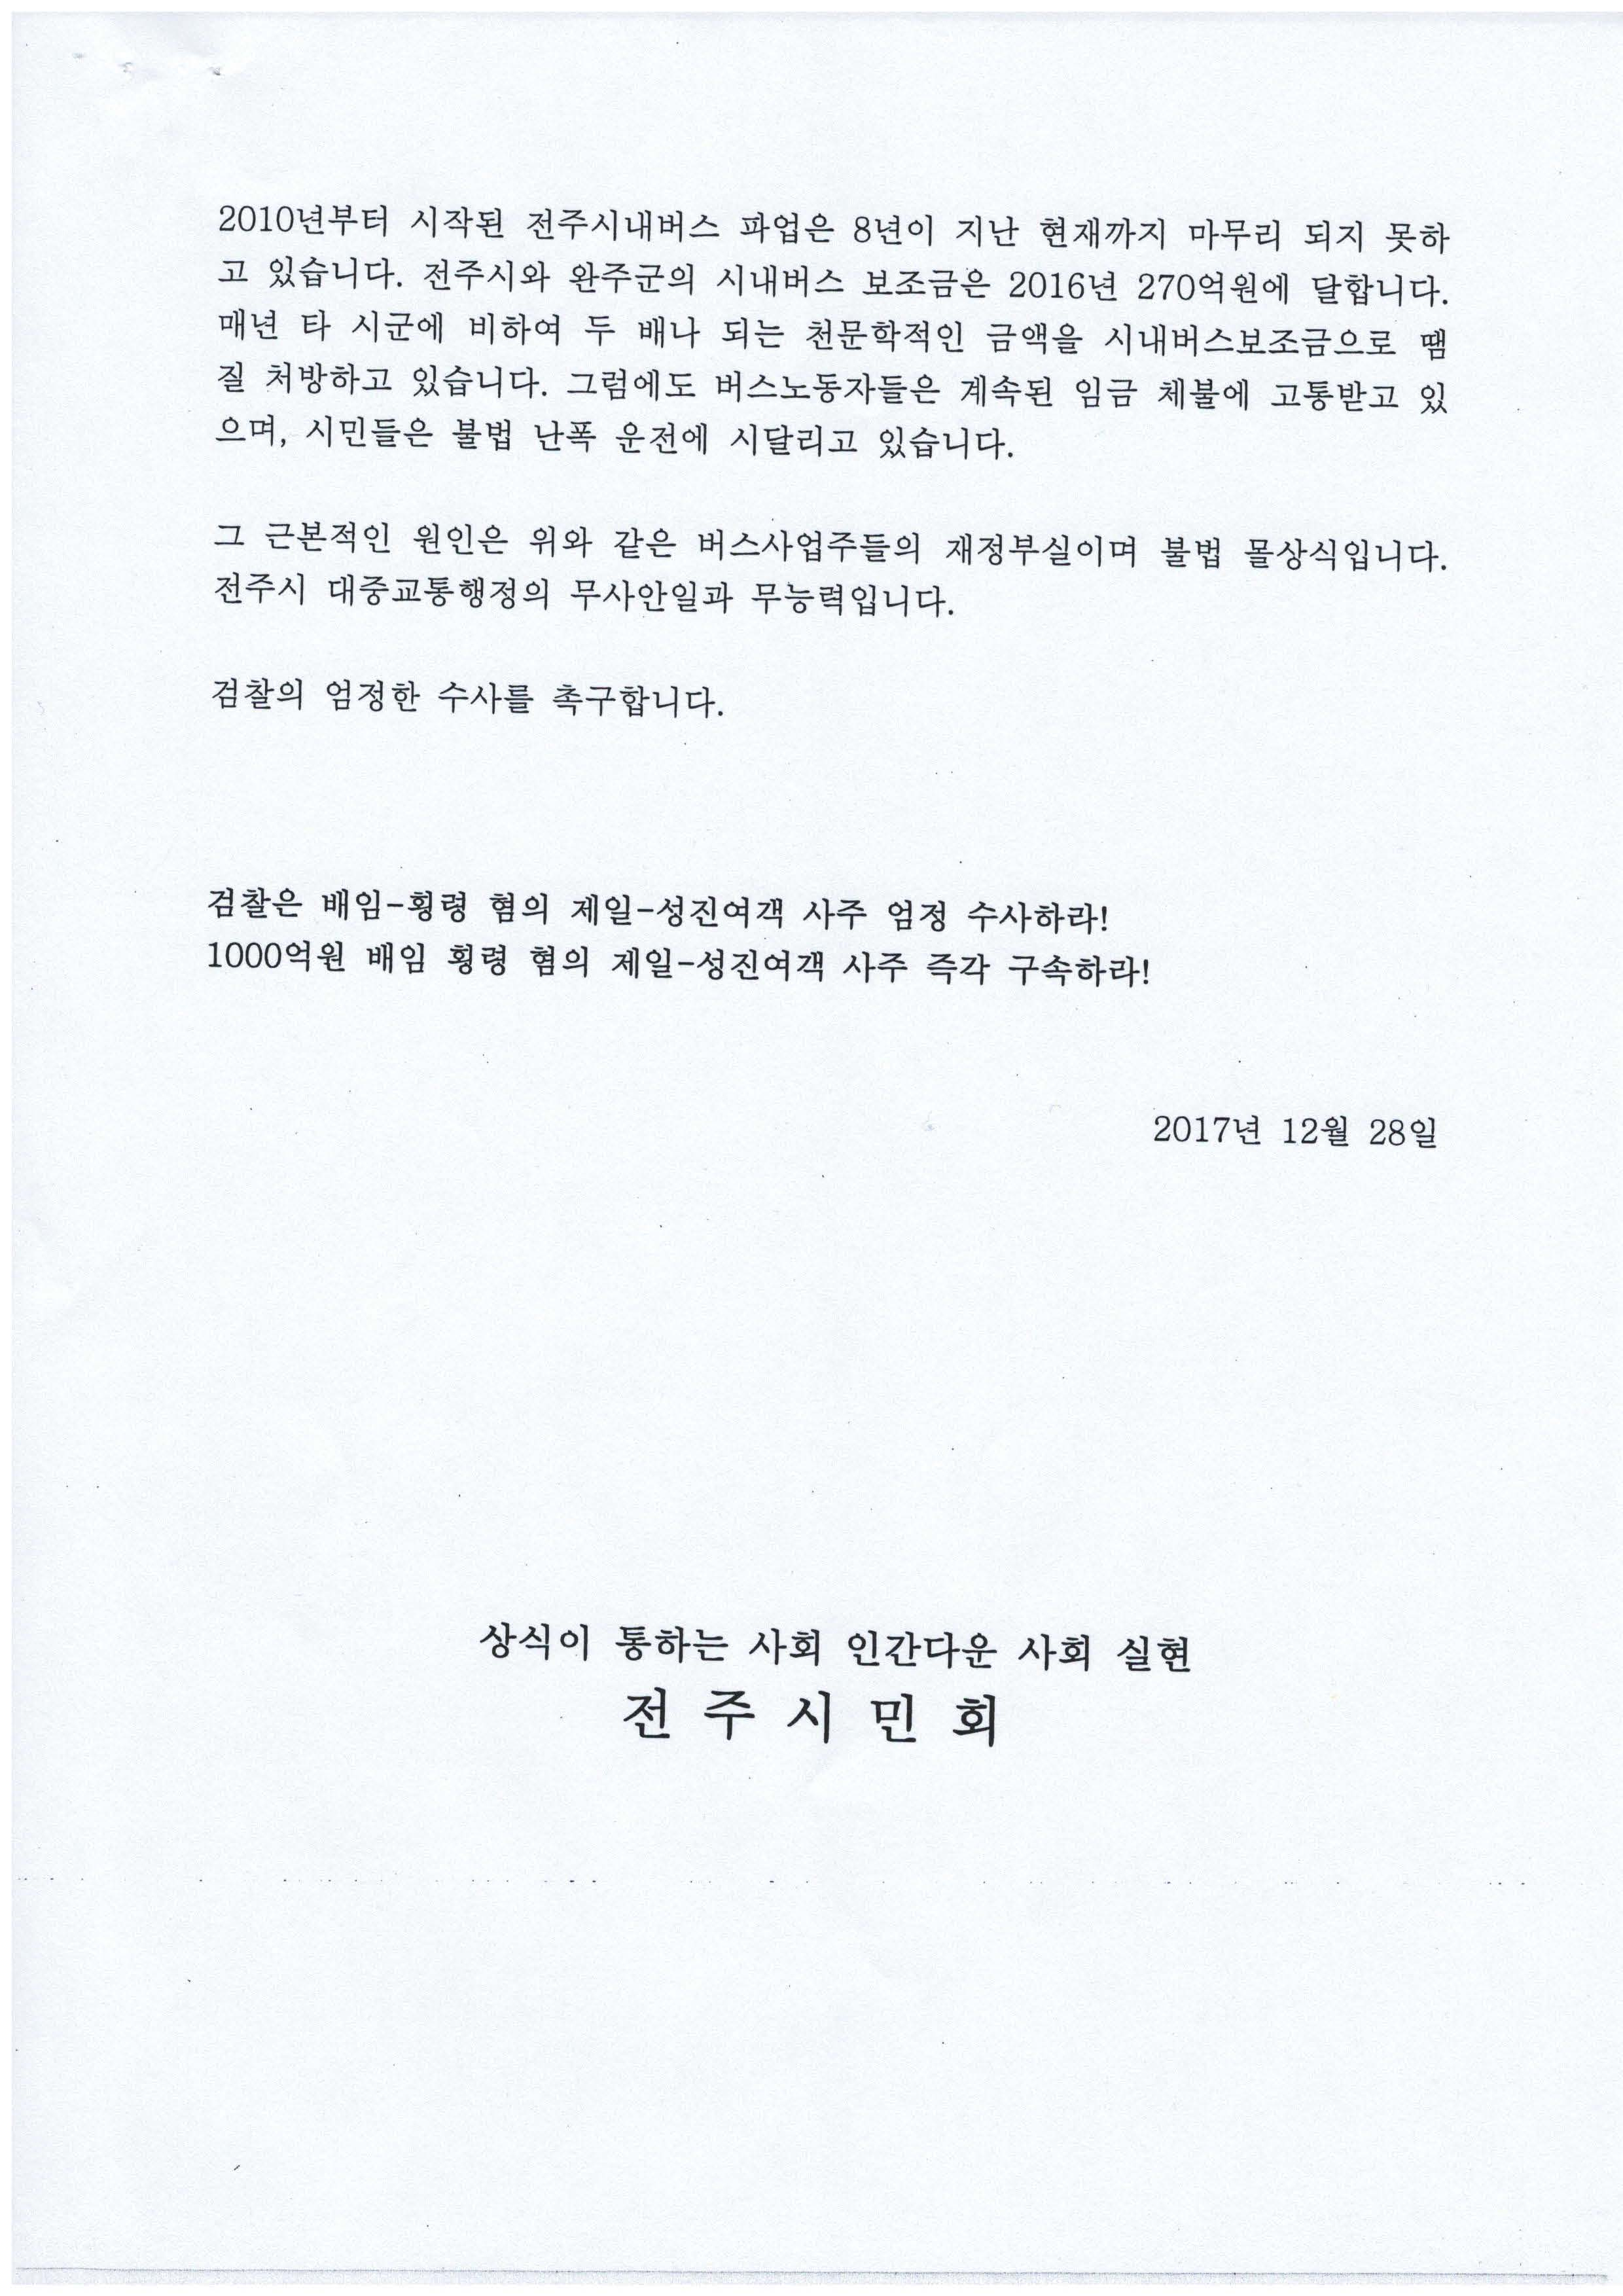 17.12.28_검찰고발 기자회견문(전주시민회)_페이지_2.jpg